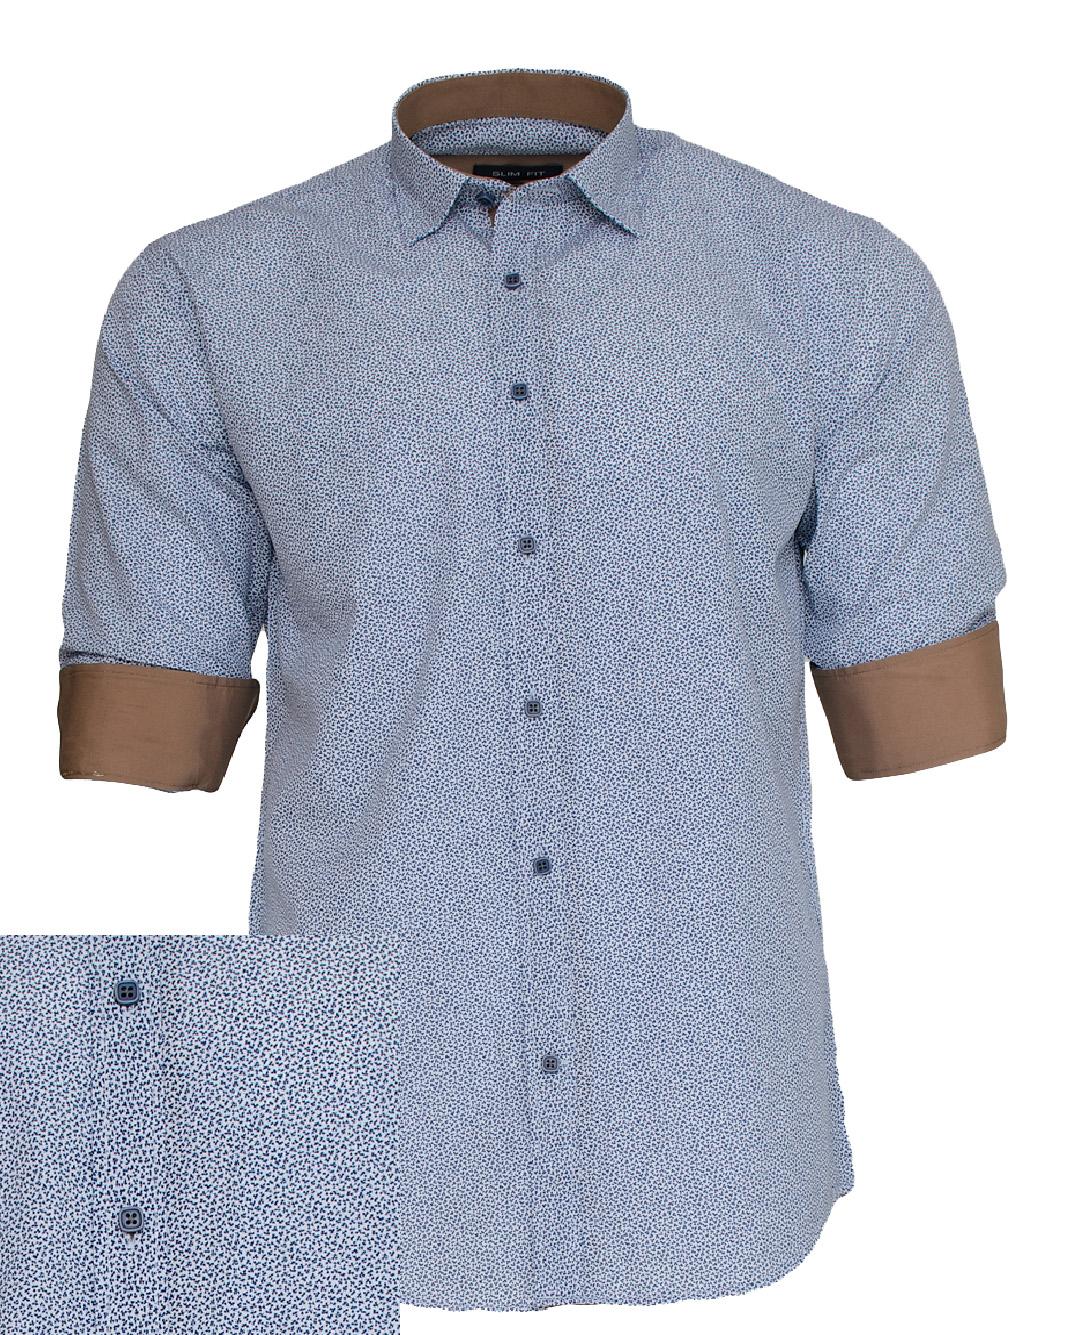 Ανδρικό Πουκάμισο So Fashion Ciel Brown-Σιέλ αρχική ανδρικά ρούχα πουκάμισα